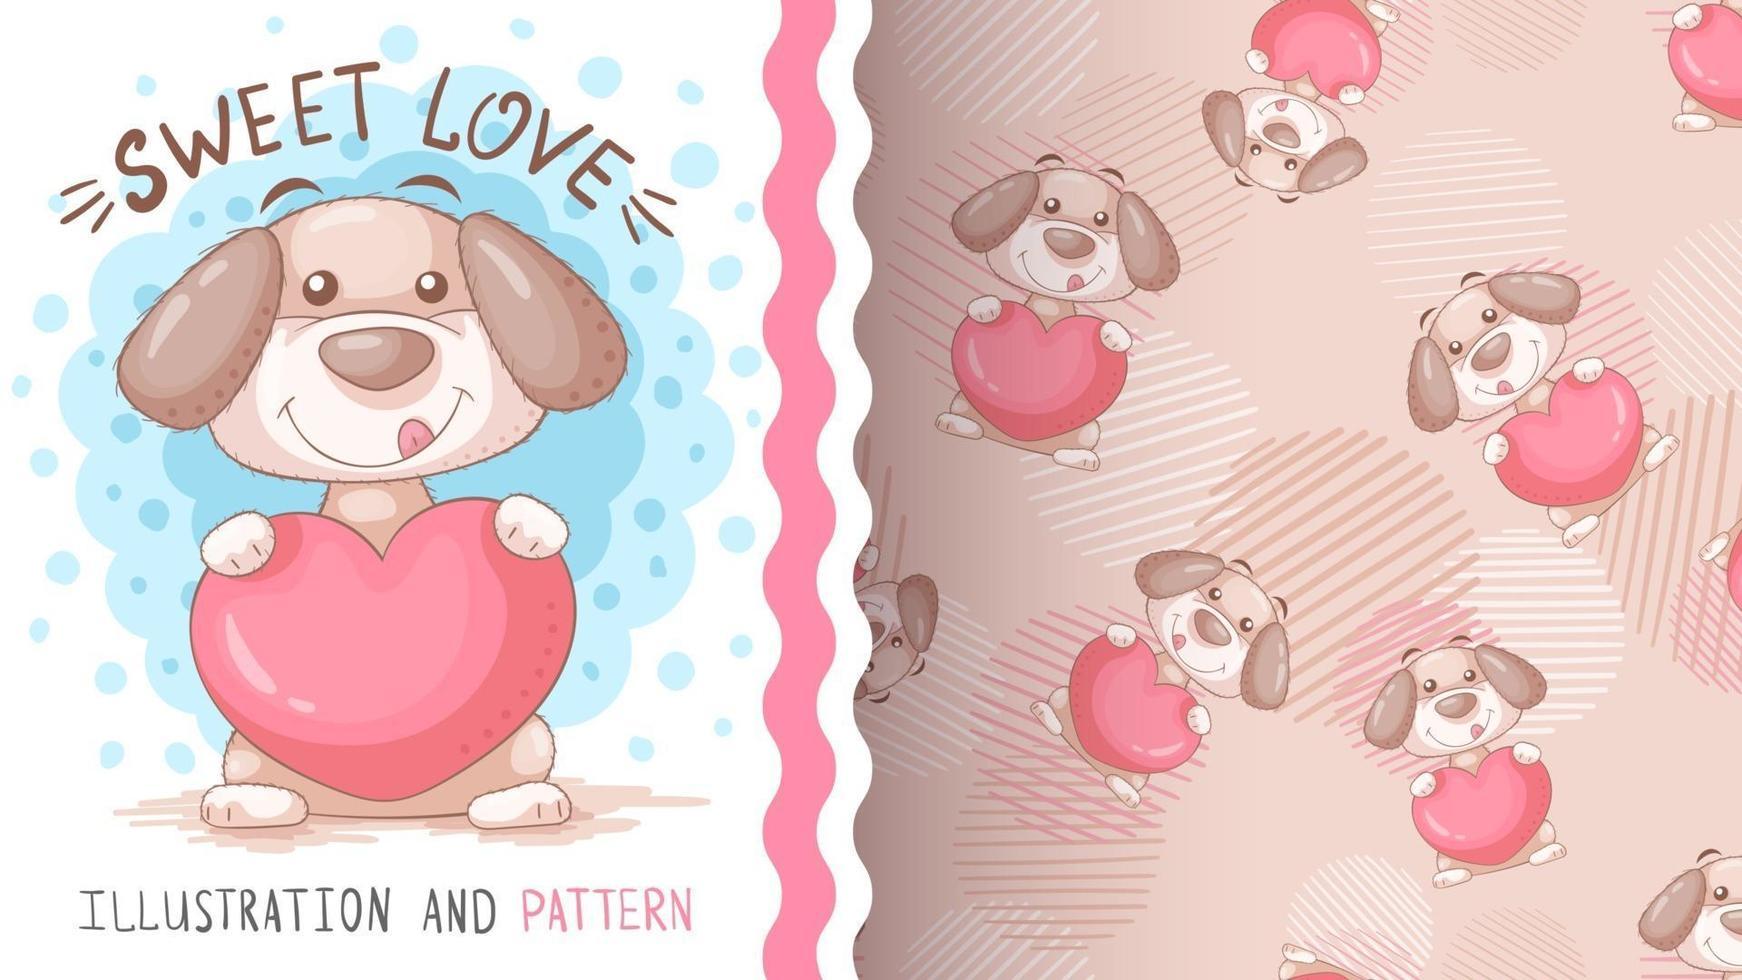 kindischer Zeichentrickfigurenhund mit Herz - nahtloses Muster vektor